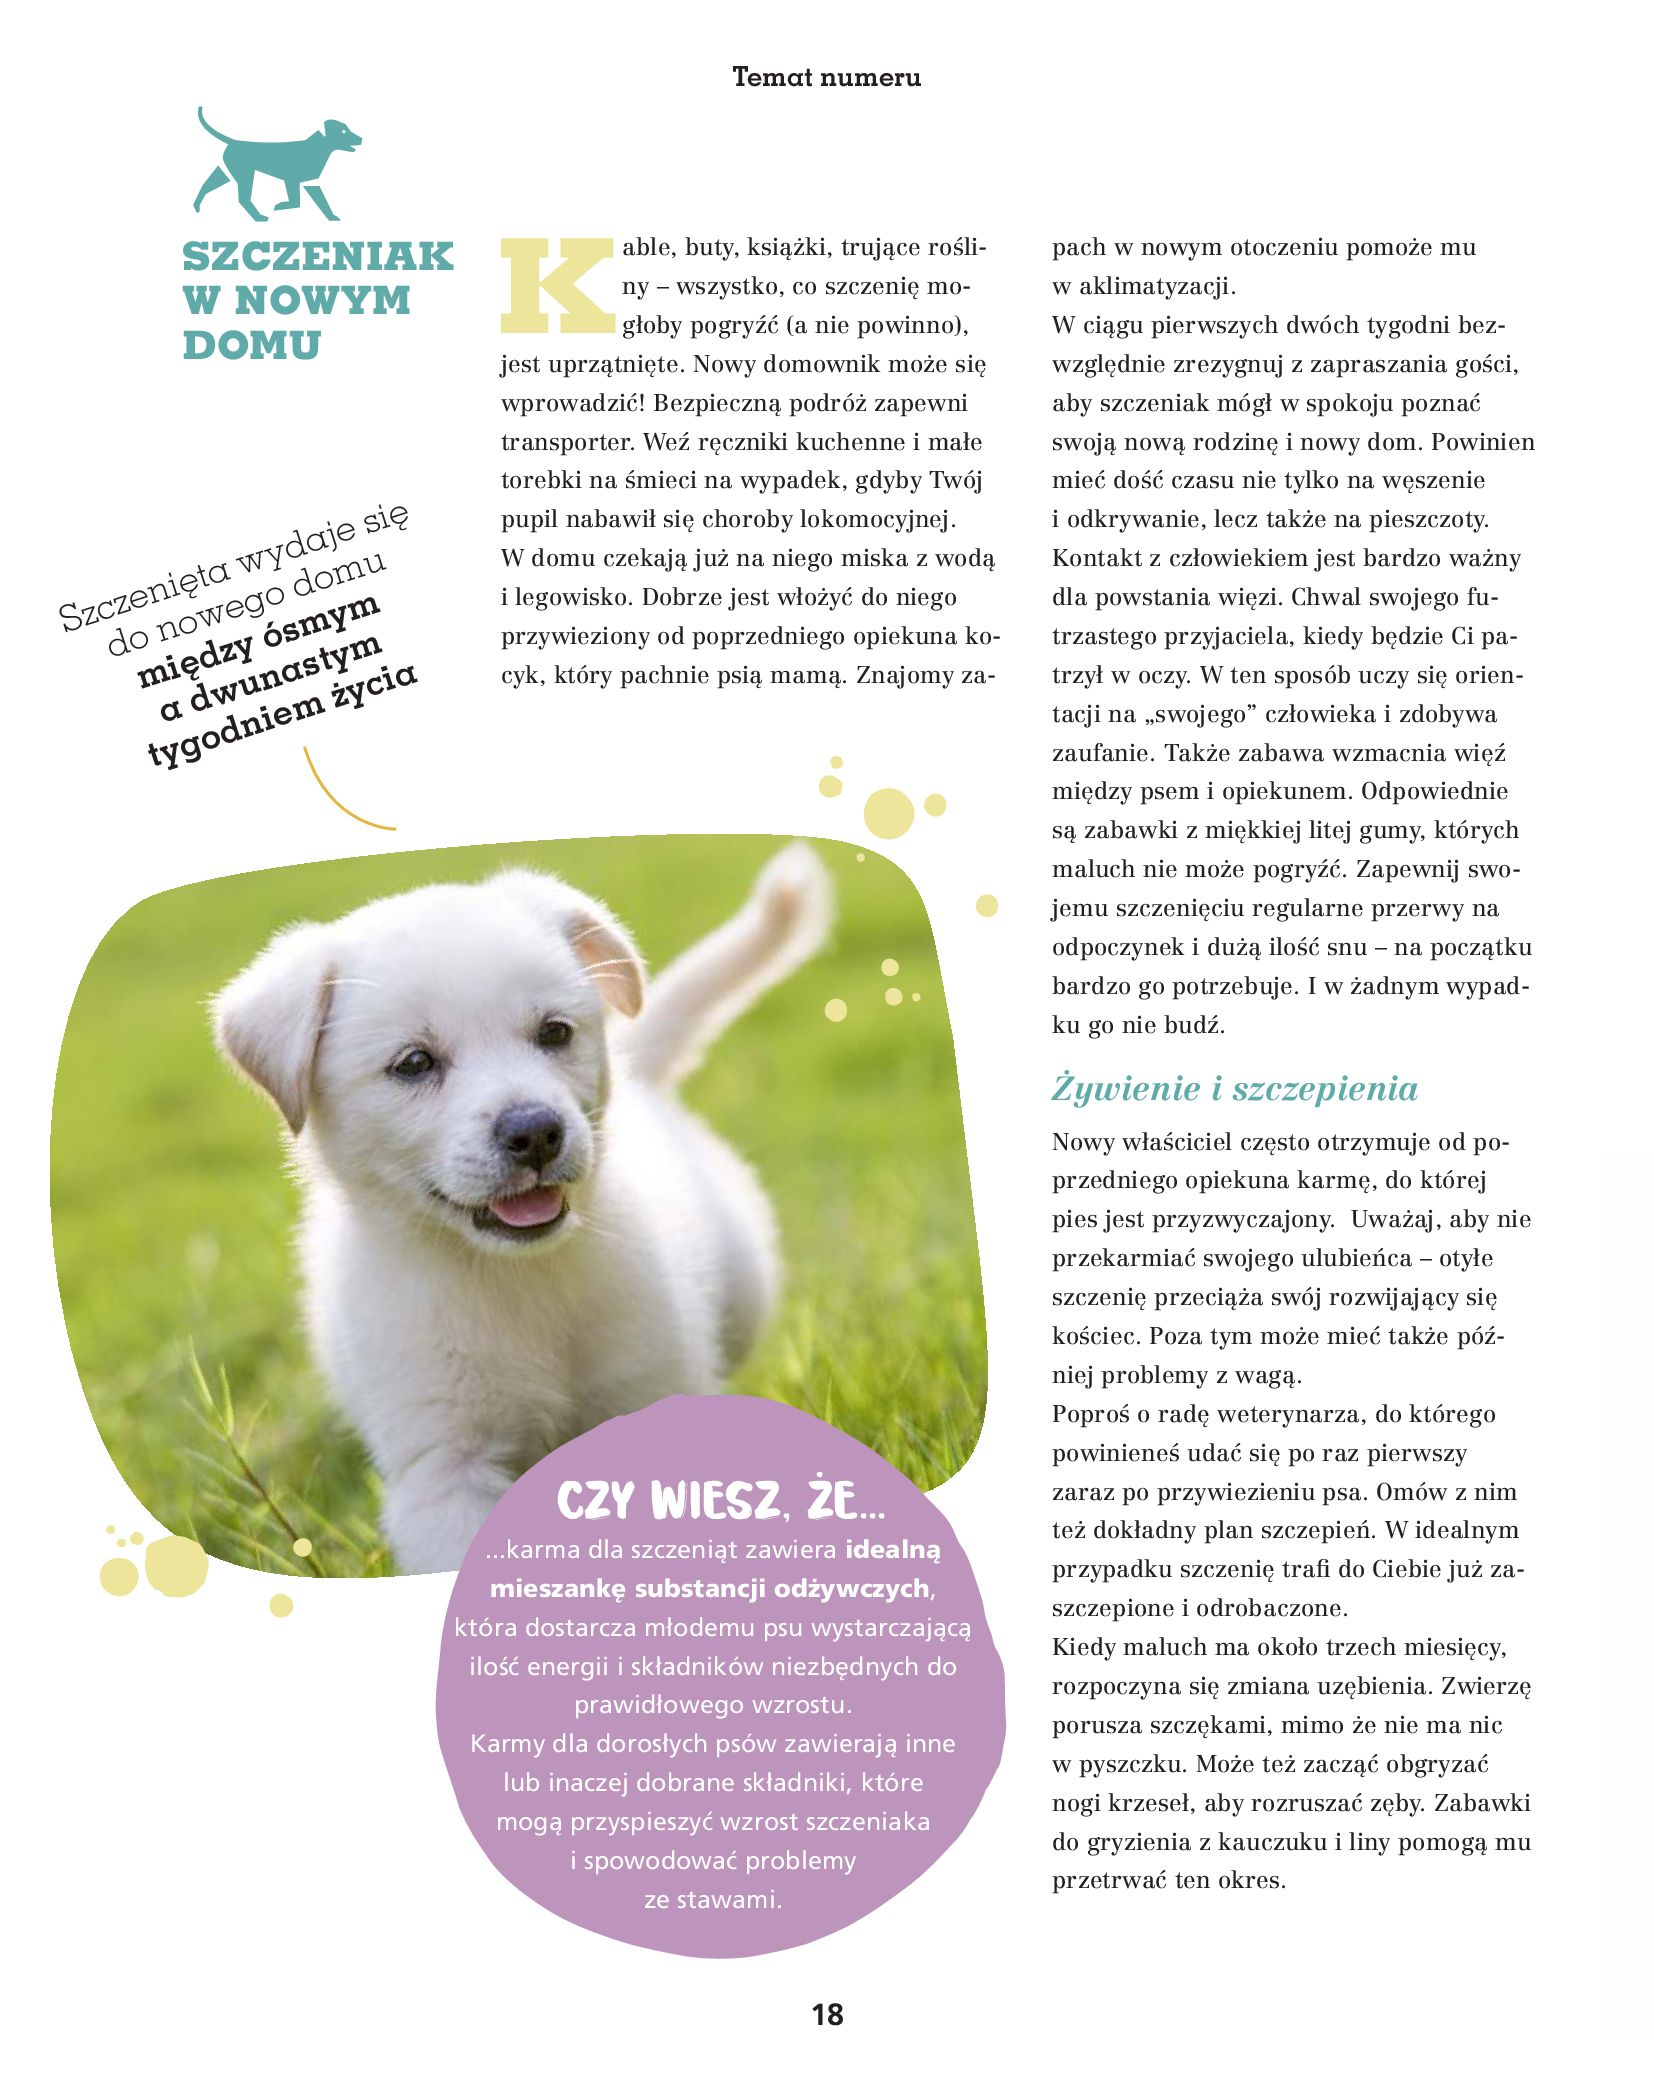 Gazetka Maxi Zoo: Gazetka Maxi Zoo - Friends 2021-05-18 page-18